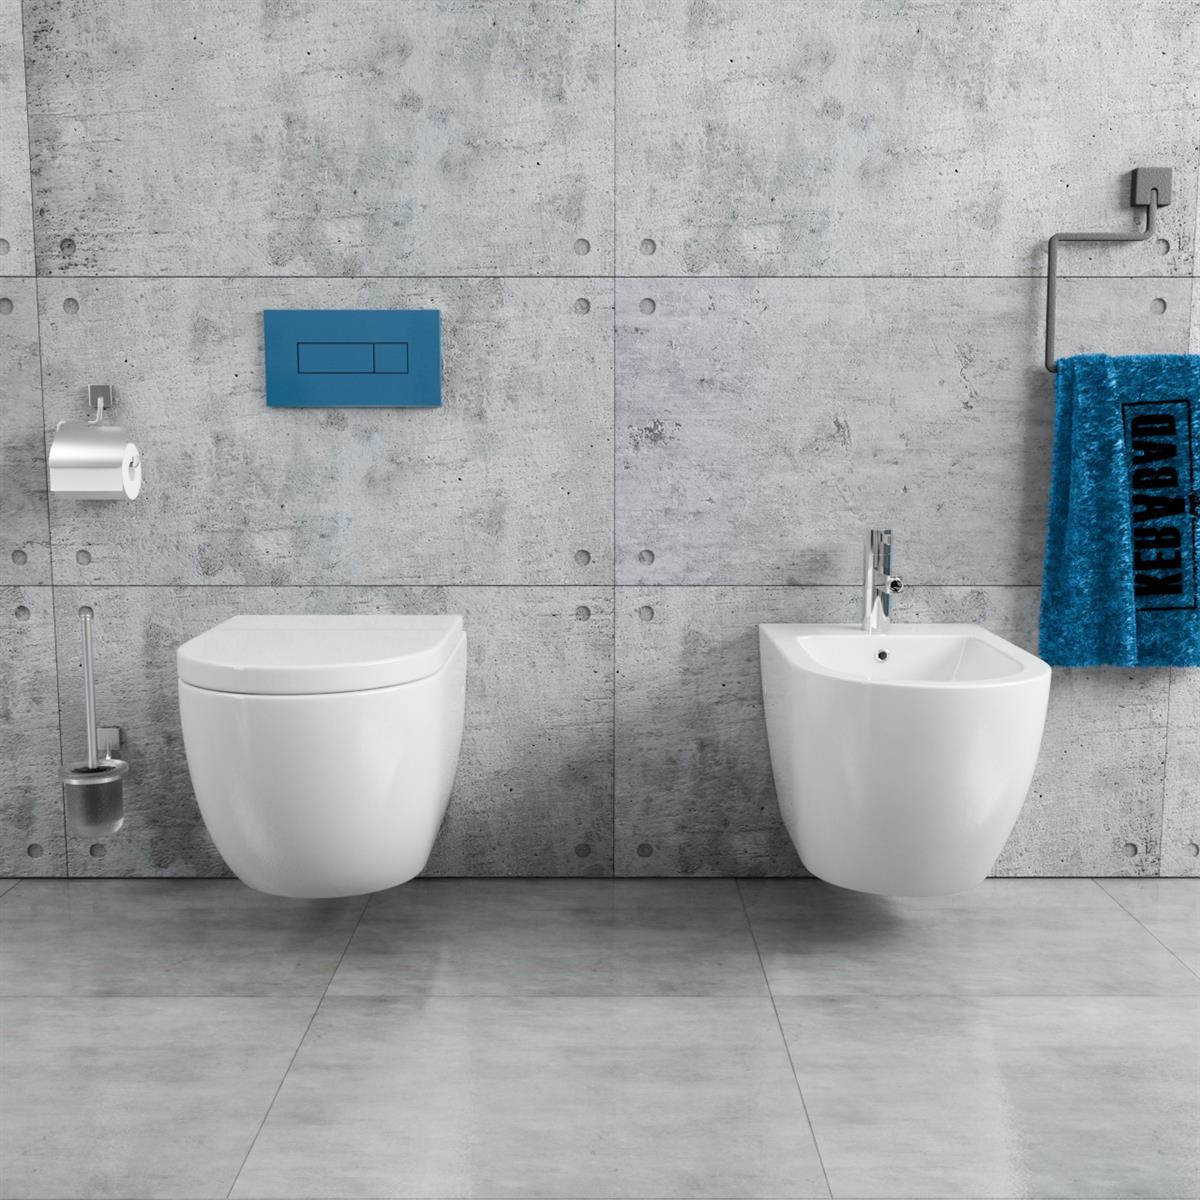 h nge wc bidet randlos kb76 1 set 299 90. Black Bedroom Furniture Sets. Home Design Ideas